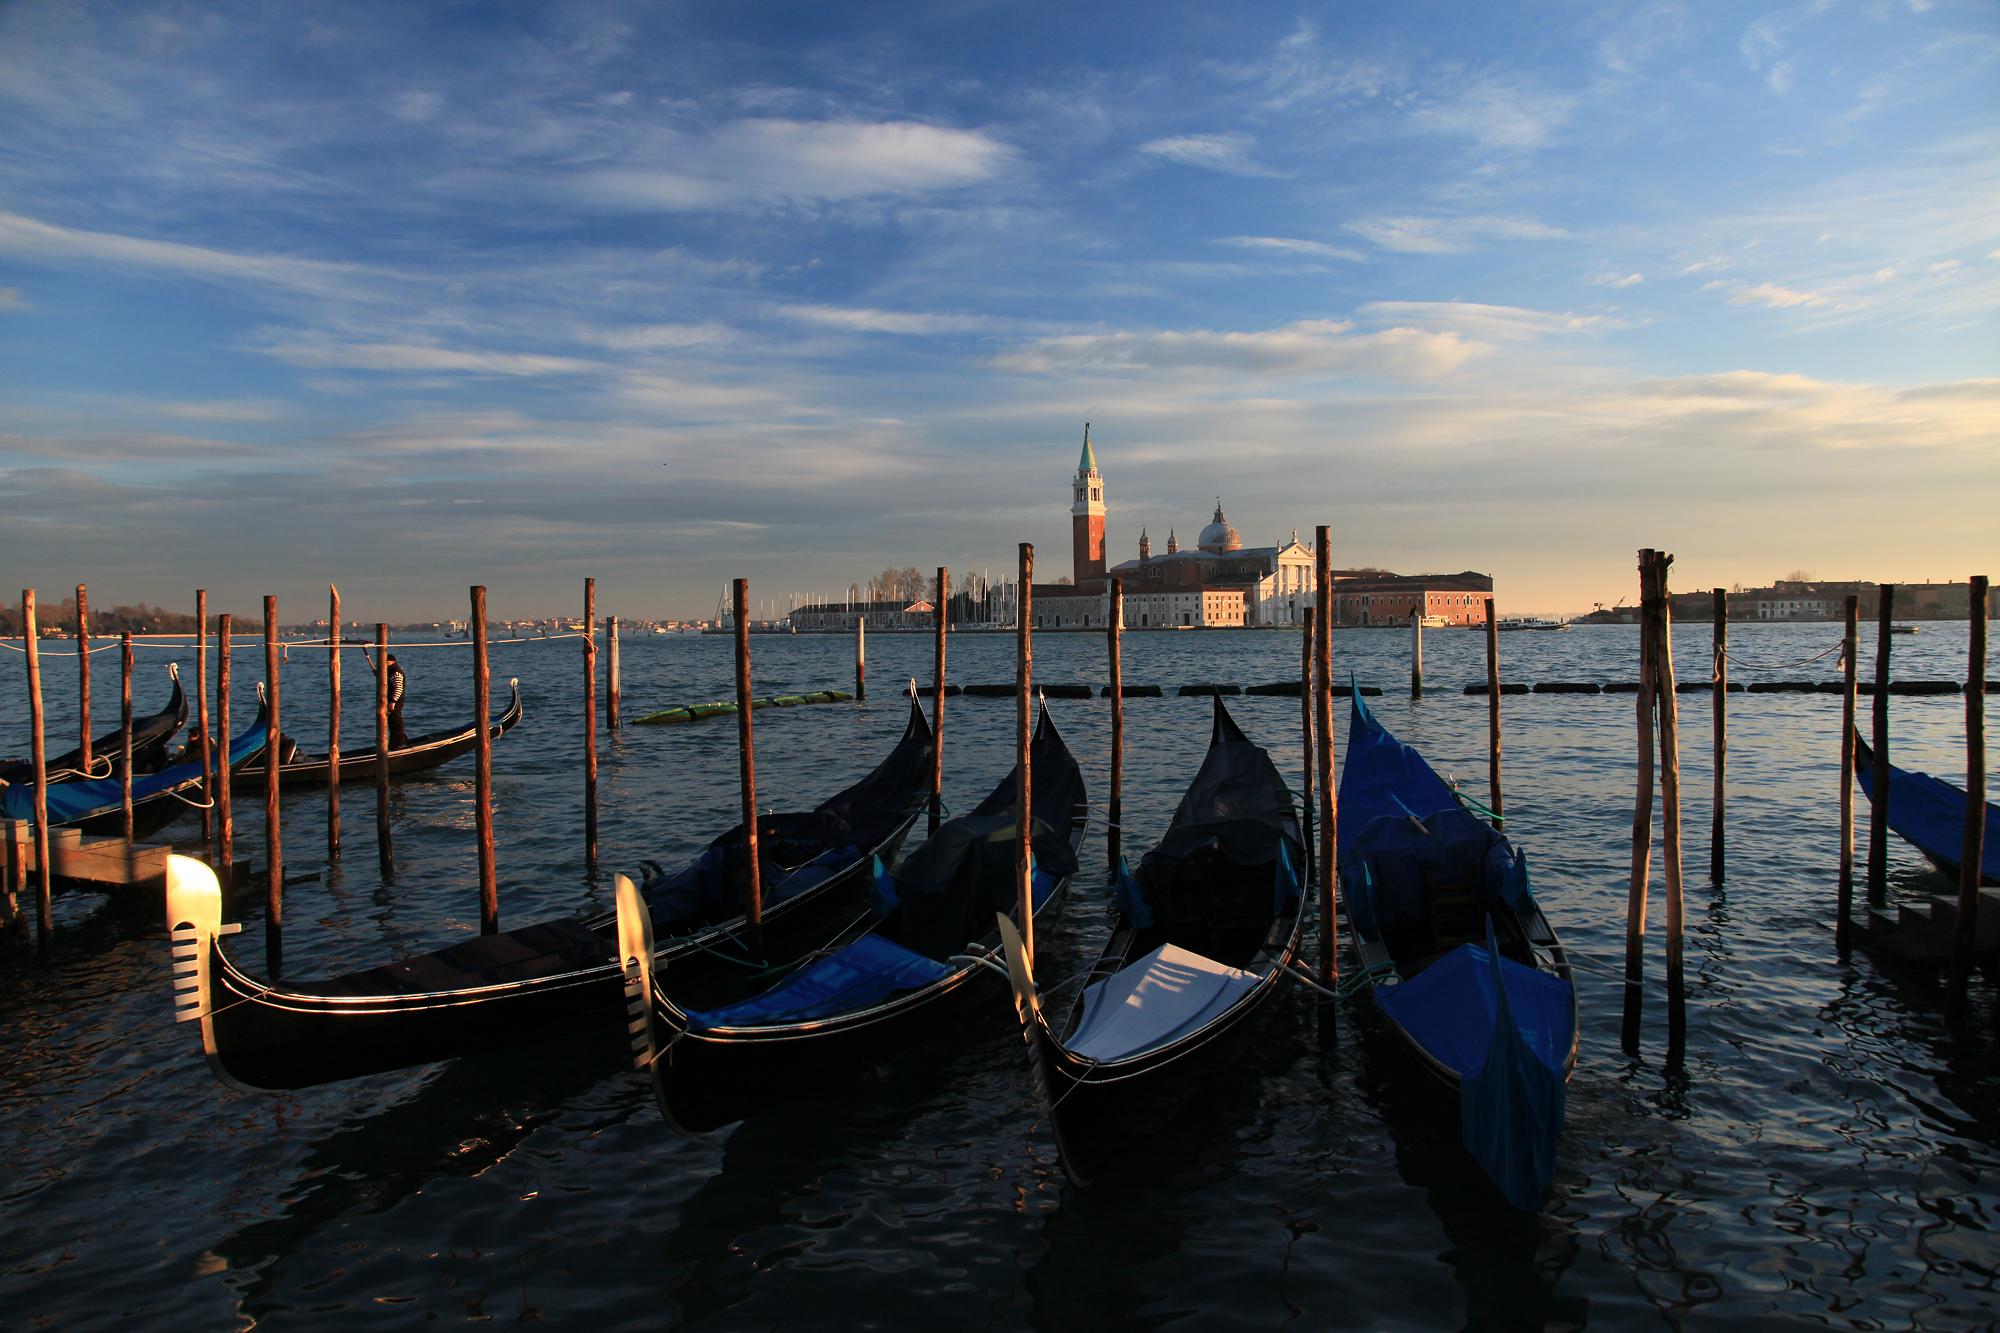 07.-11.01.2019 - Venedig